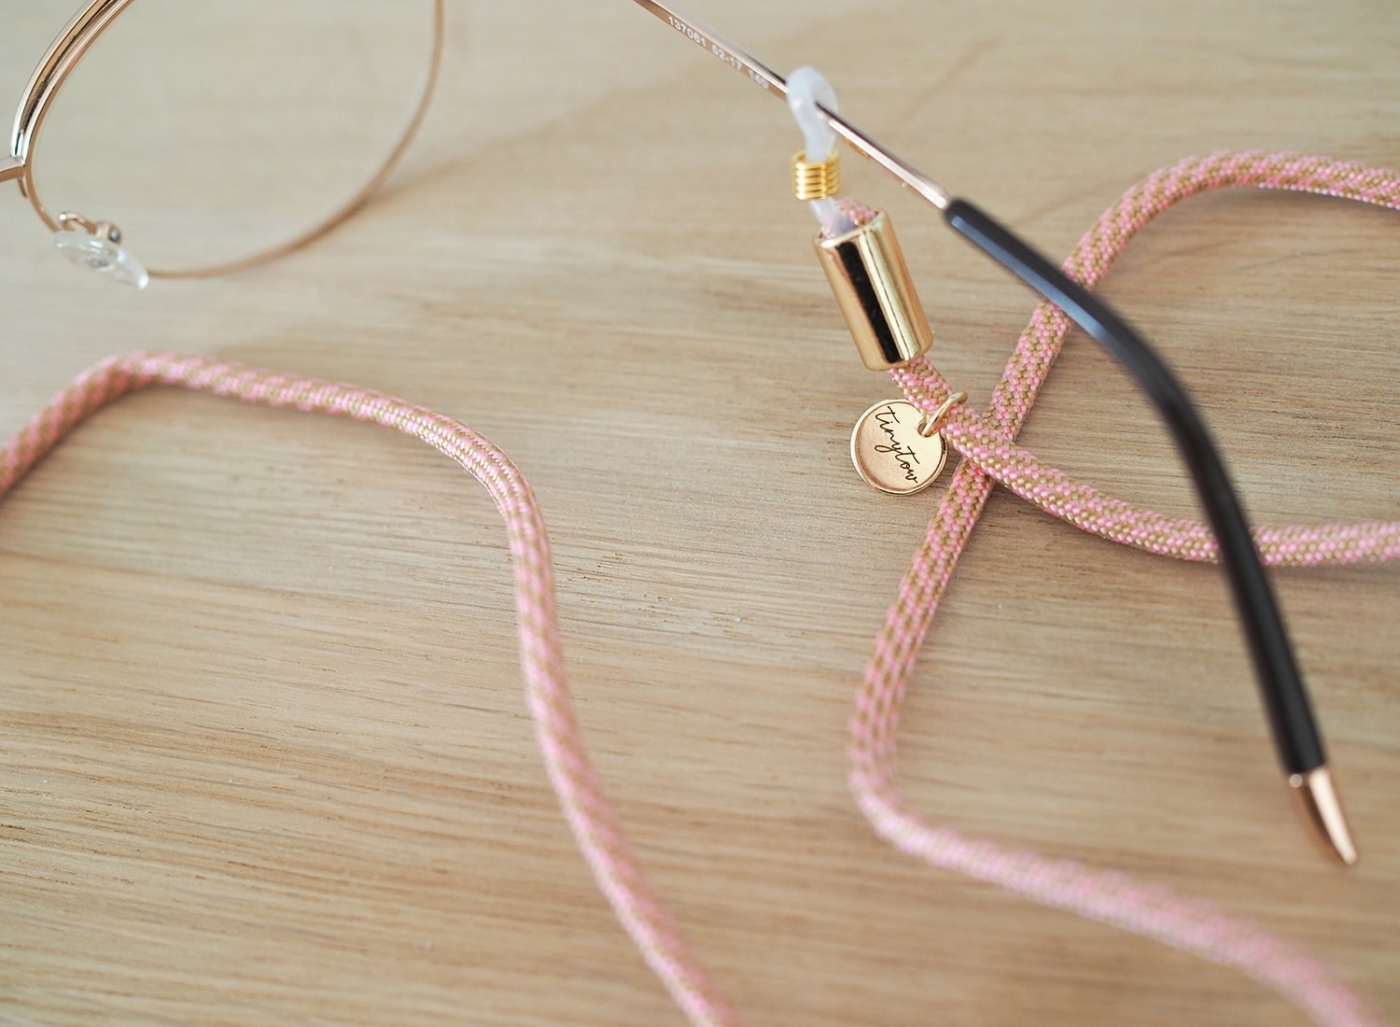 Unser Brillenband aus Stoff in zartem rosa setzt nicht nur deine Brille gekonnt in Stene